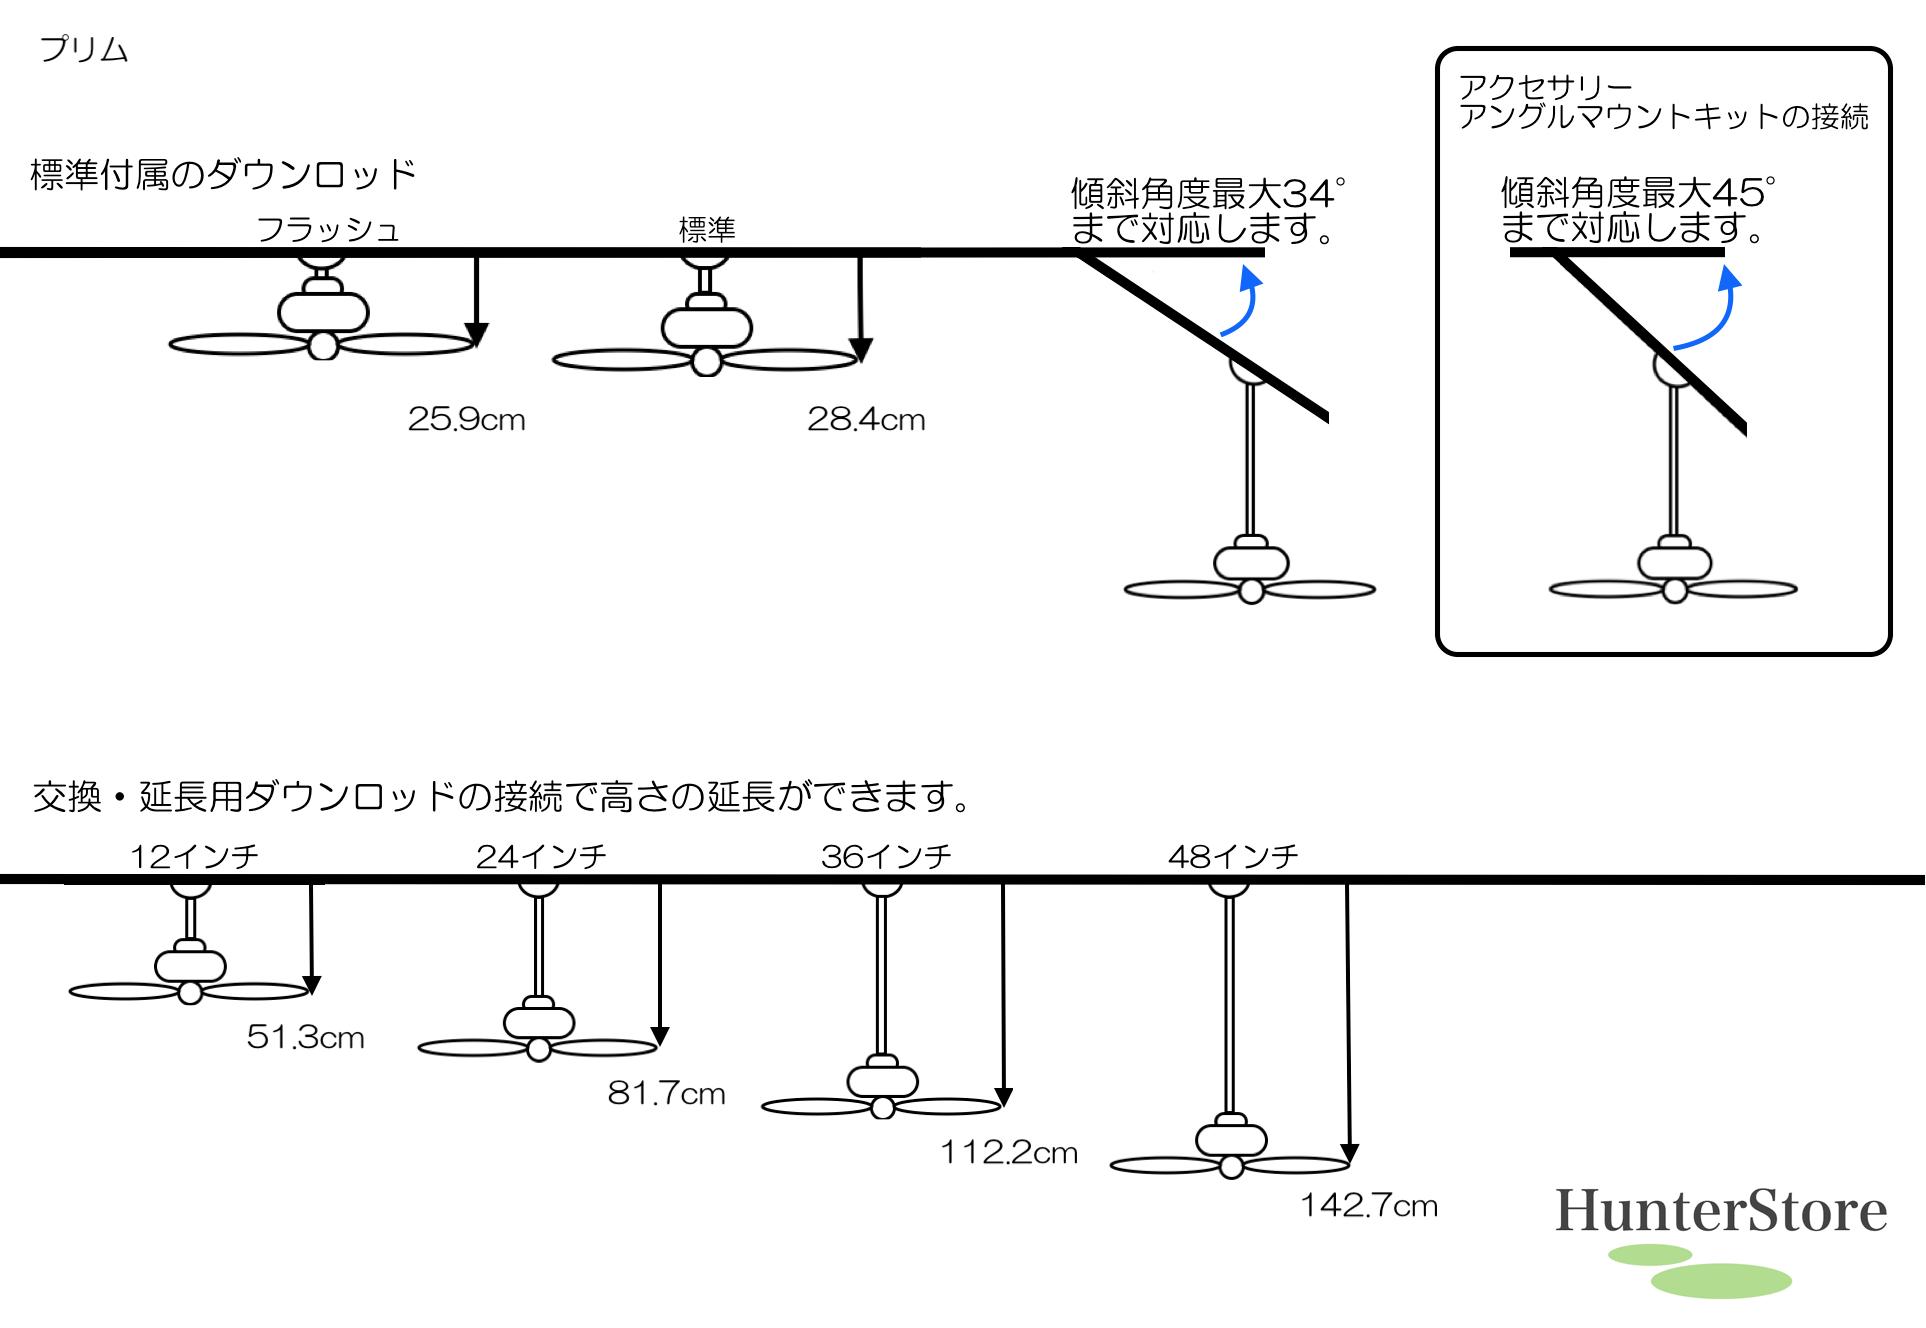 プリム 照明キット付【壁コントローラ・36㌅91cmダウンロッド付】 - 画像2